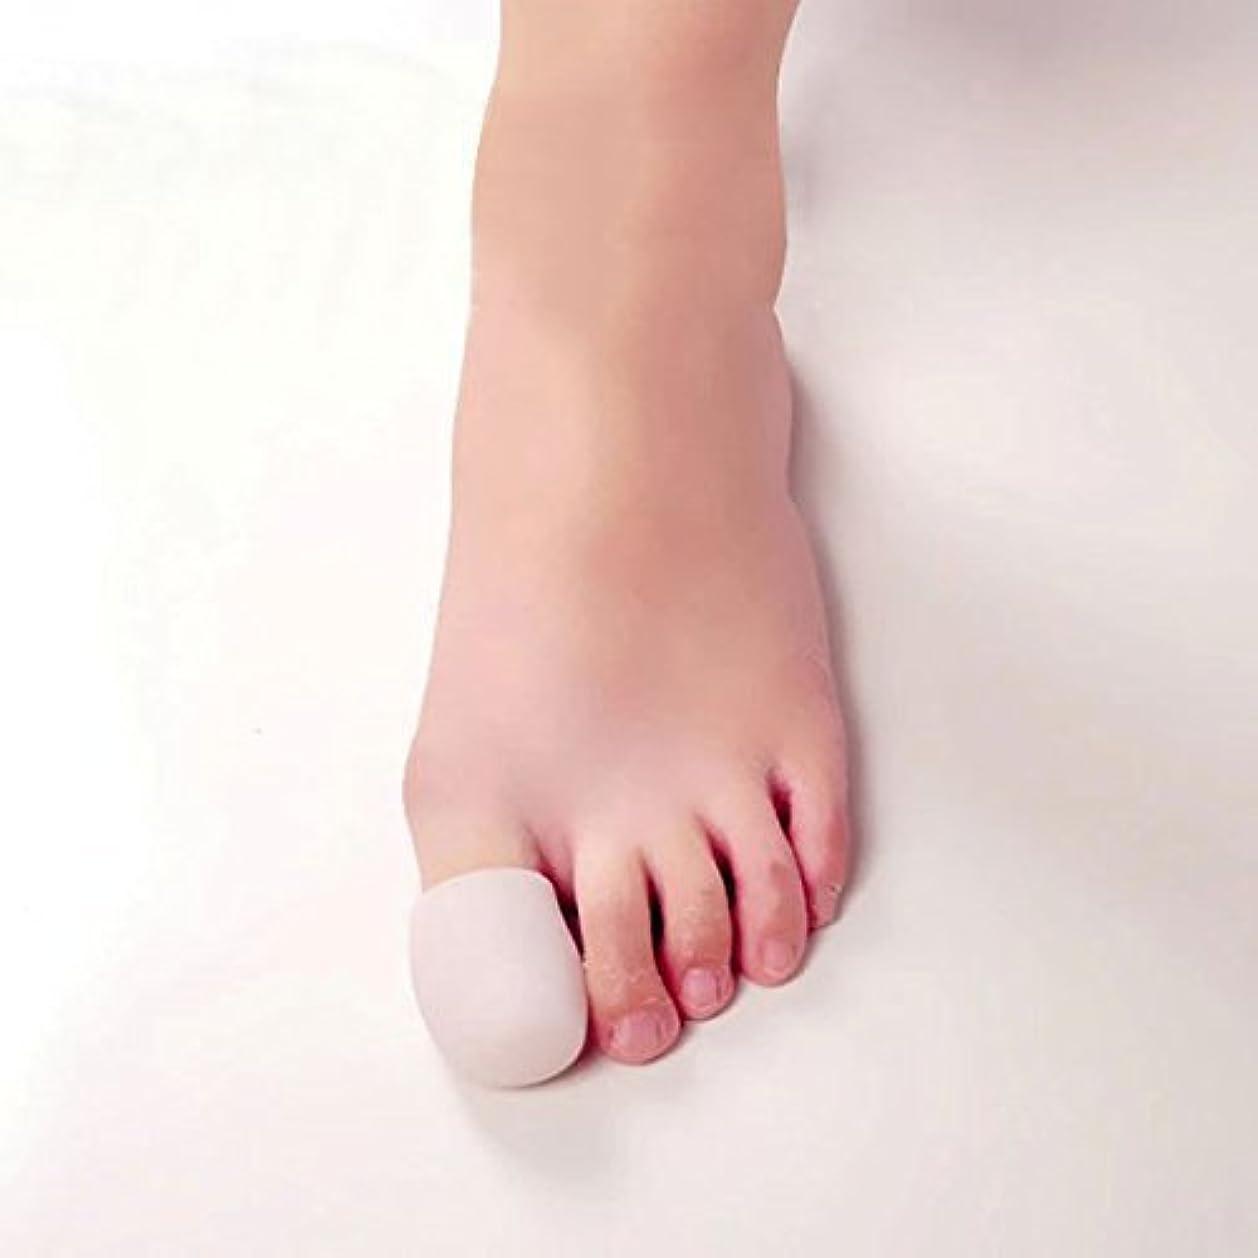 週末床医薬Hongch 1Pairホワイトシリコーンゲル 毎日のためにトウモロコシCalluse 保護足の親指キャップ ソフトクッションつま先プロテクター防止水疱